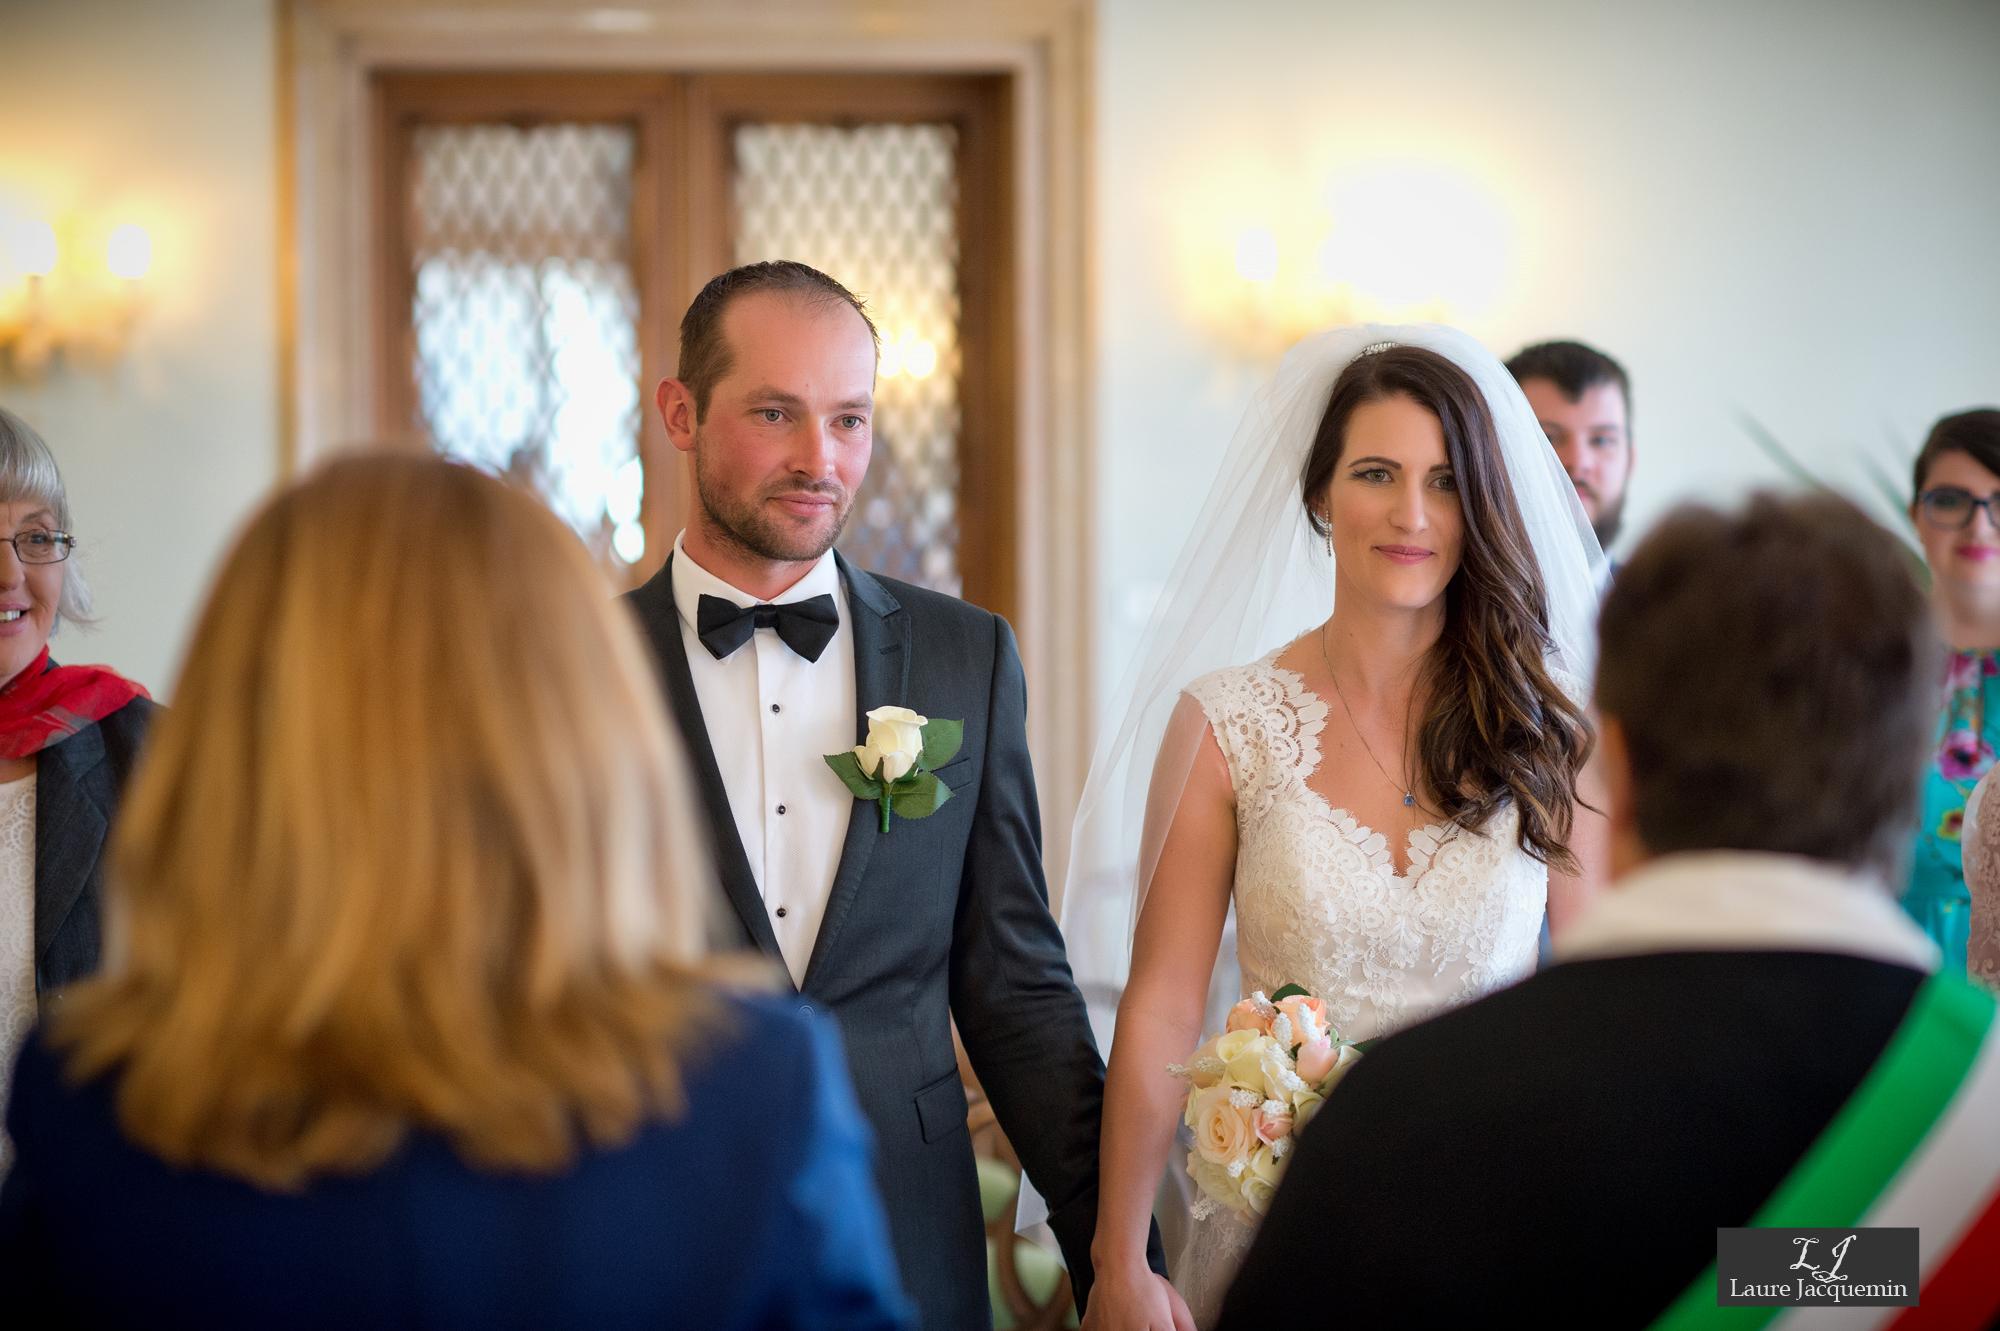 photographe mariage laure jacquemin palazzo cavalli service photographique (15)